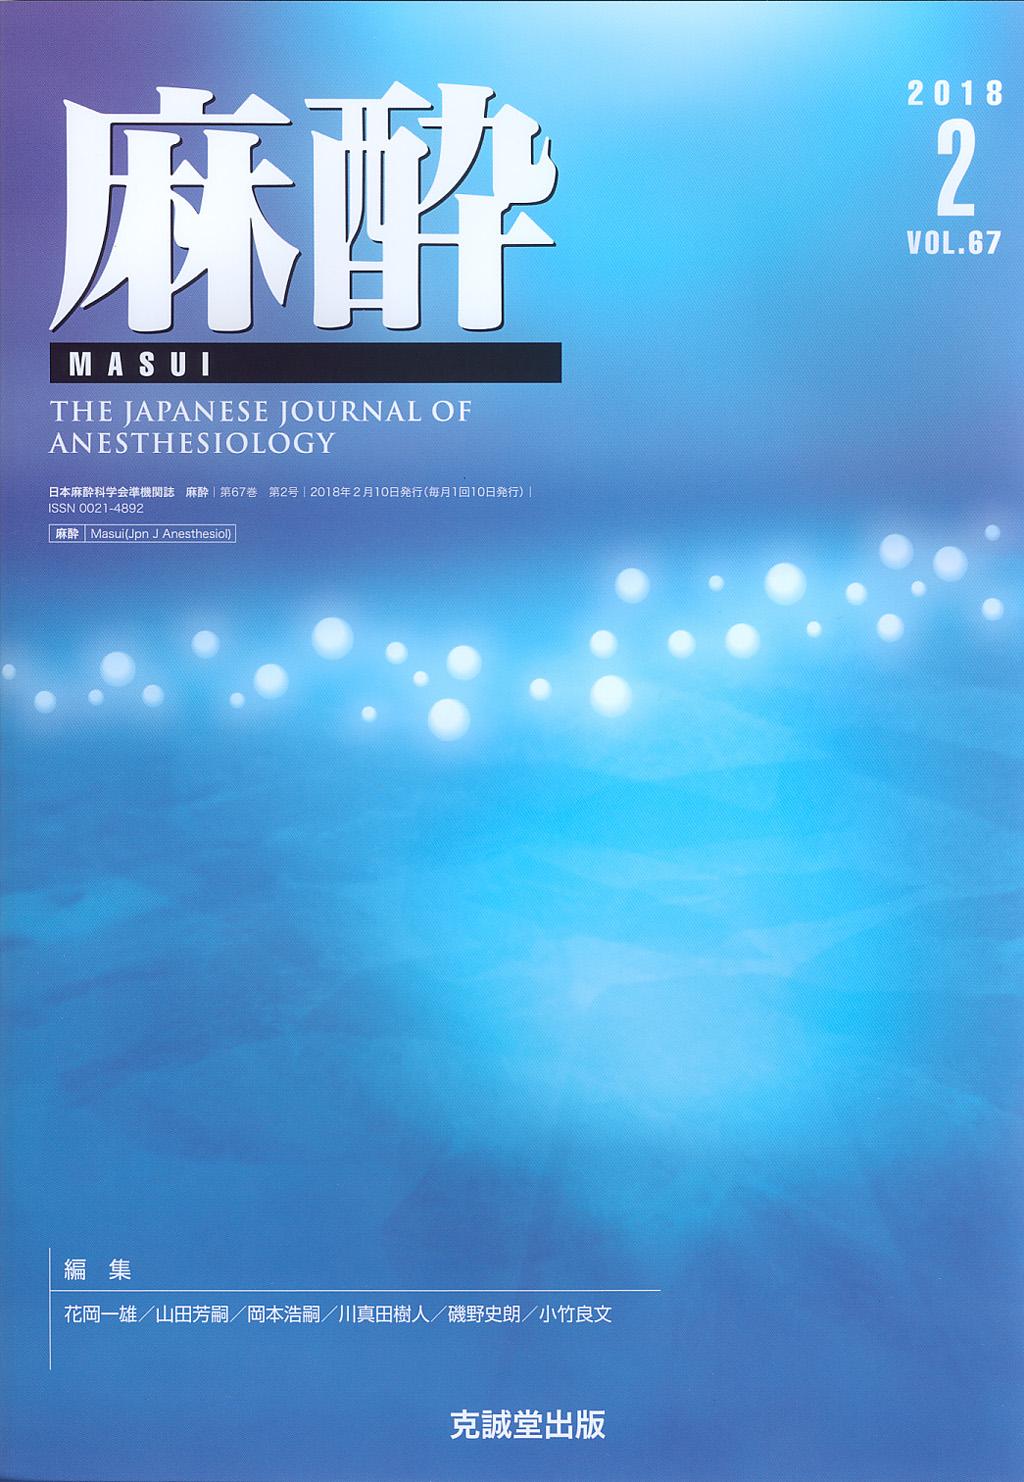 麻酔 第67巻第2号(2018年2月号)